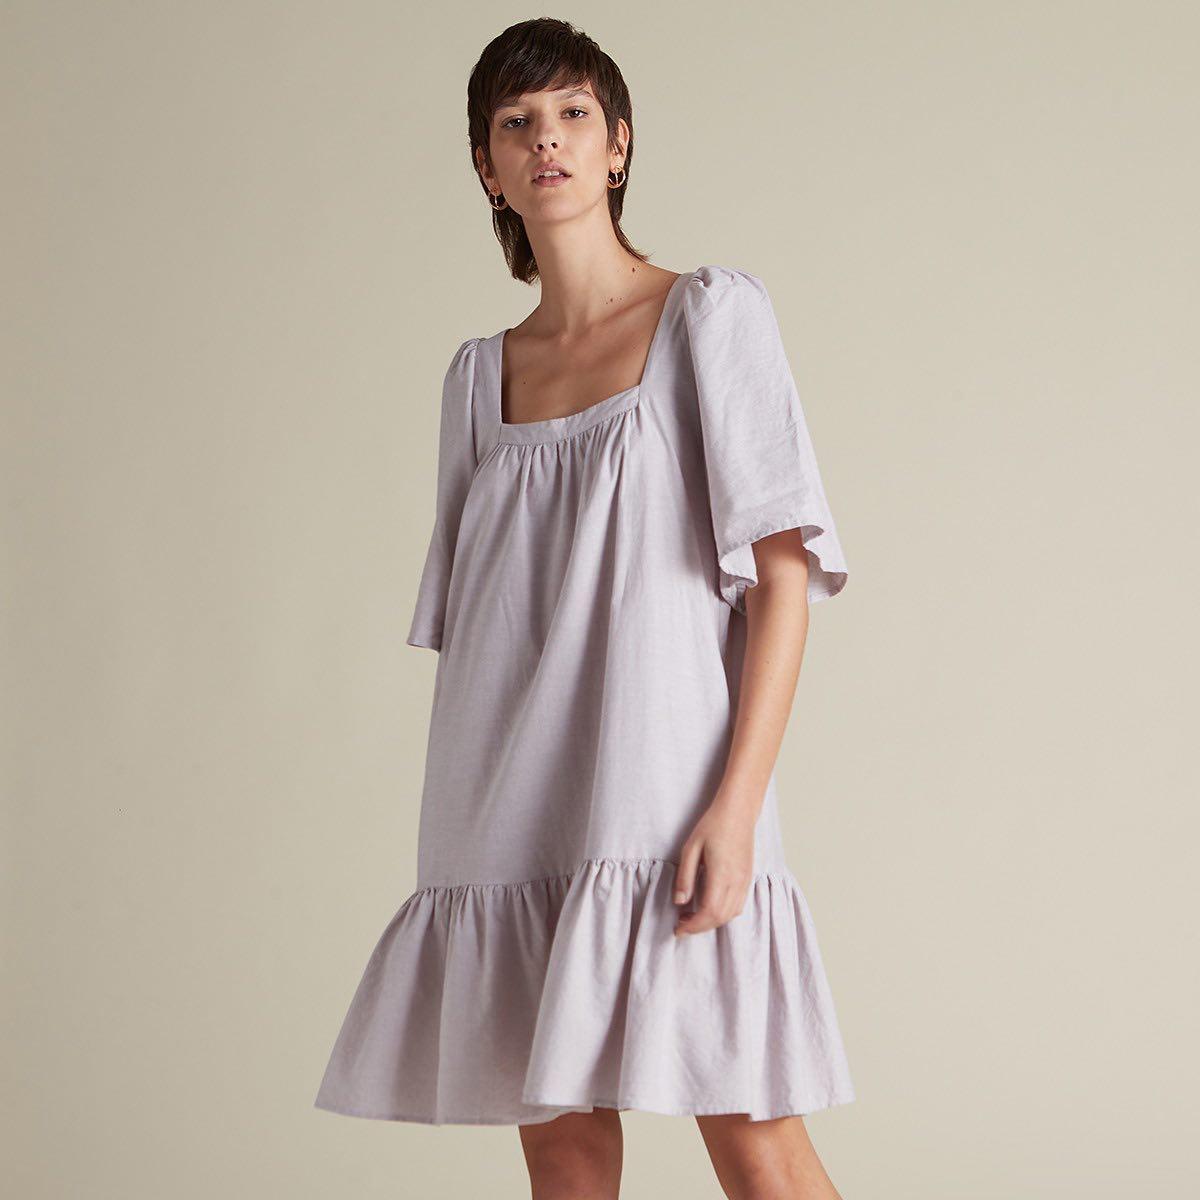 השמלה המושלמת לסופ״ש החם שלפנינו☀️ פיינל סייל בחנויות ובאתר, אל תפספסי